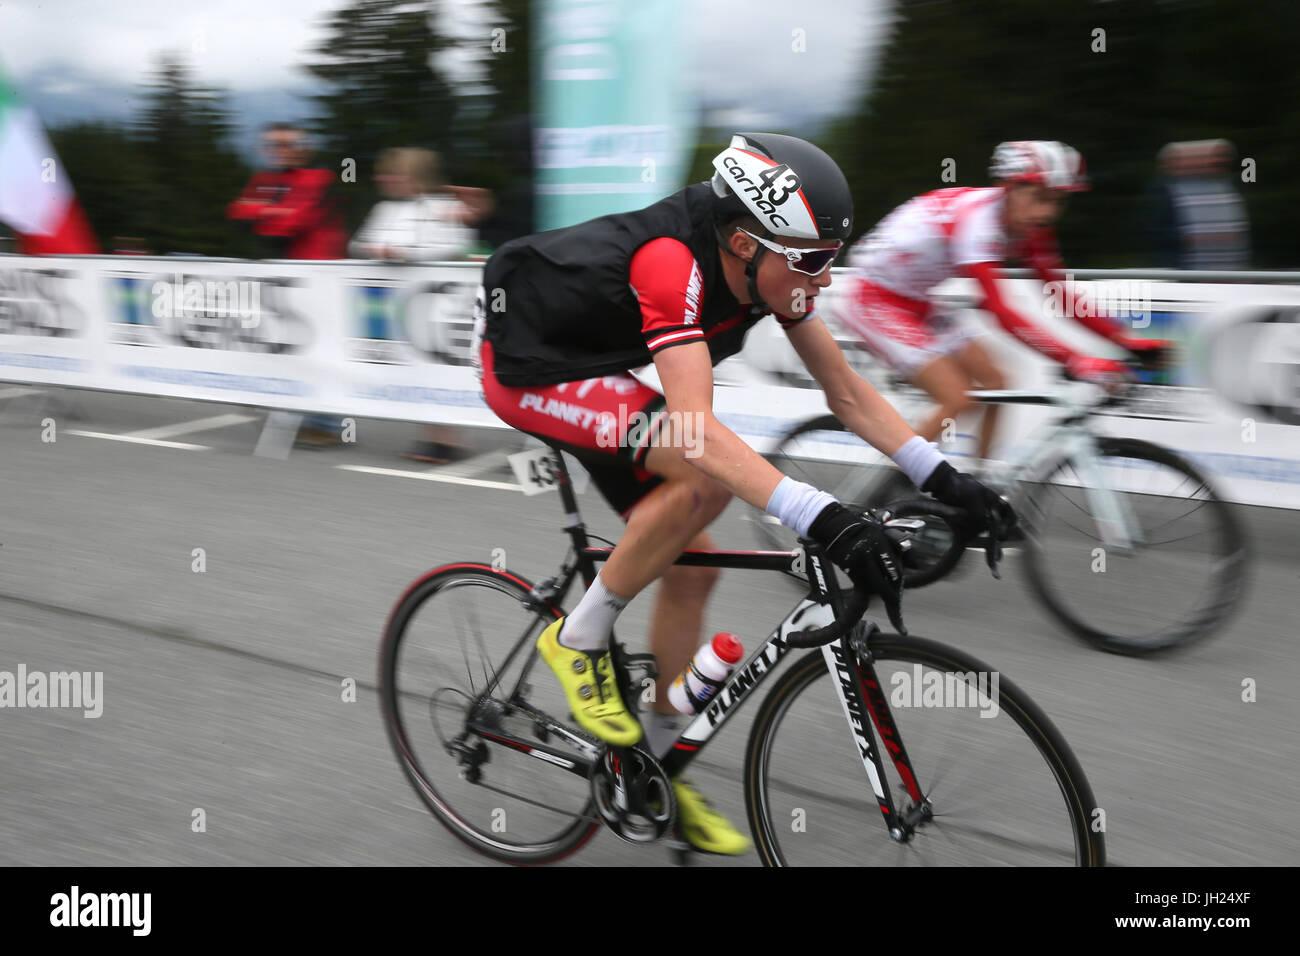 Giro della Valle d'Aosta corsa in bicicletta. La linea di finitura. Saint-Gervais-les-Bains. La Francia. Immagini Stock